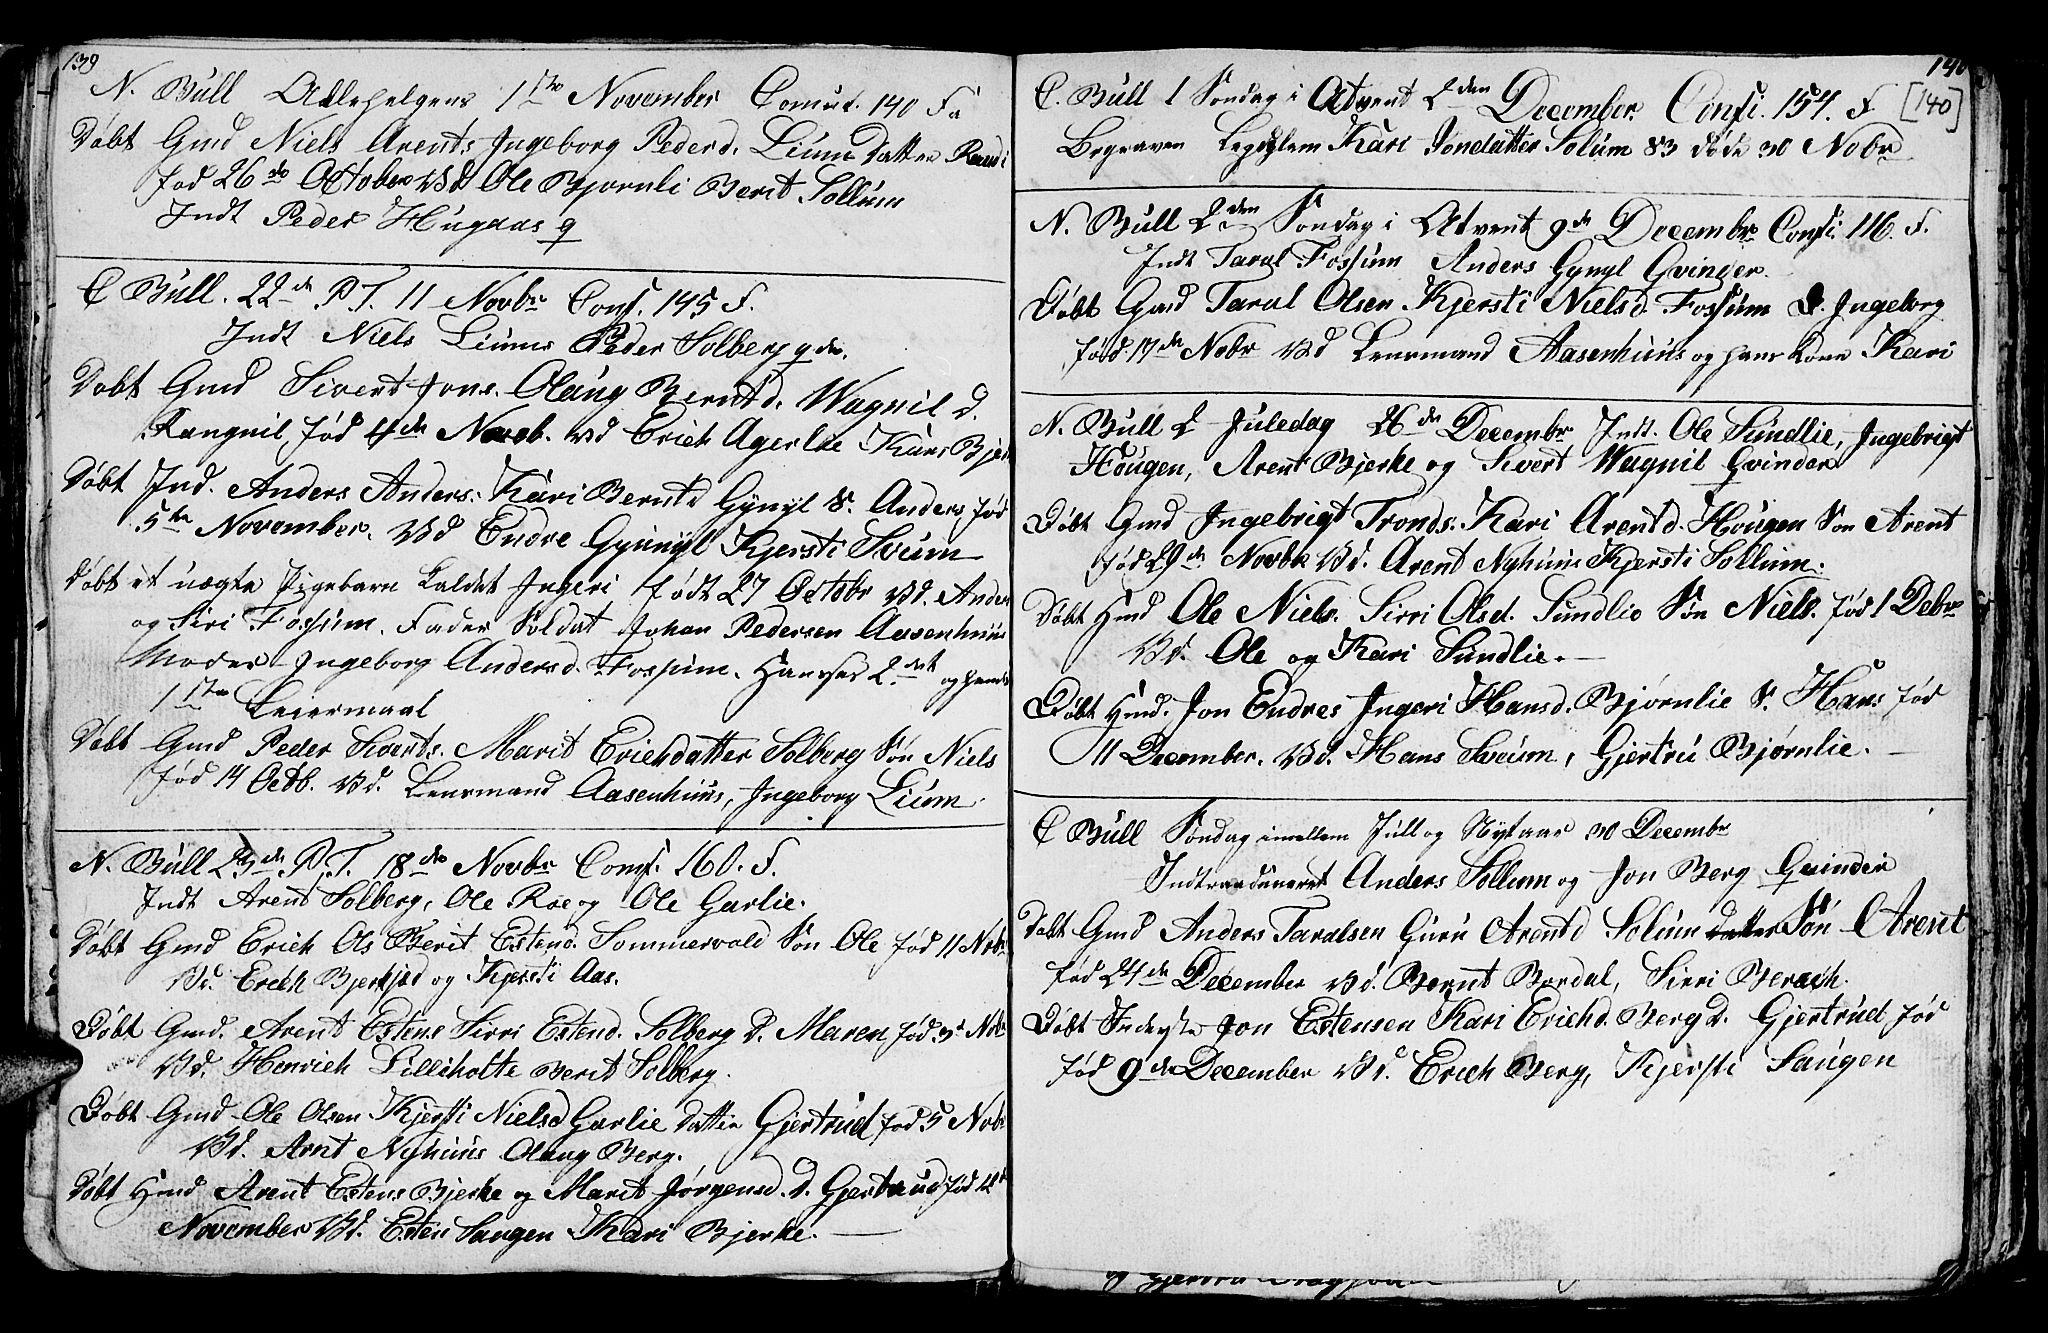 SAT, Ministerialprotokoller, klokkerbøker og fødselsregistre - Sør-Trøndelag, 689/L1042: Klokkerbok nr. 689C01, 1812-1841, s. 139-140